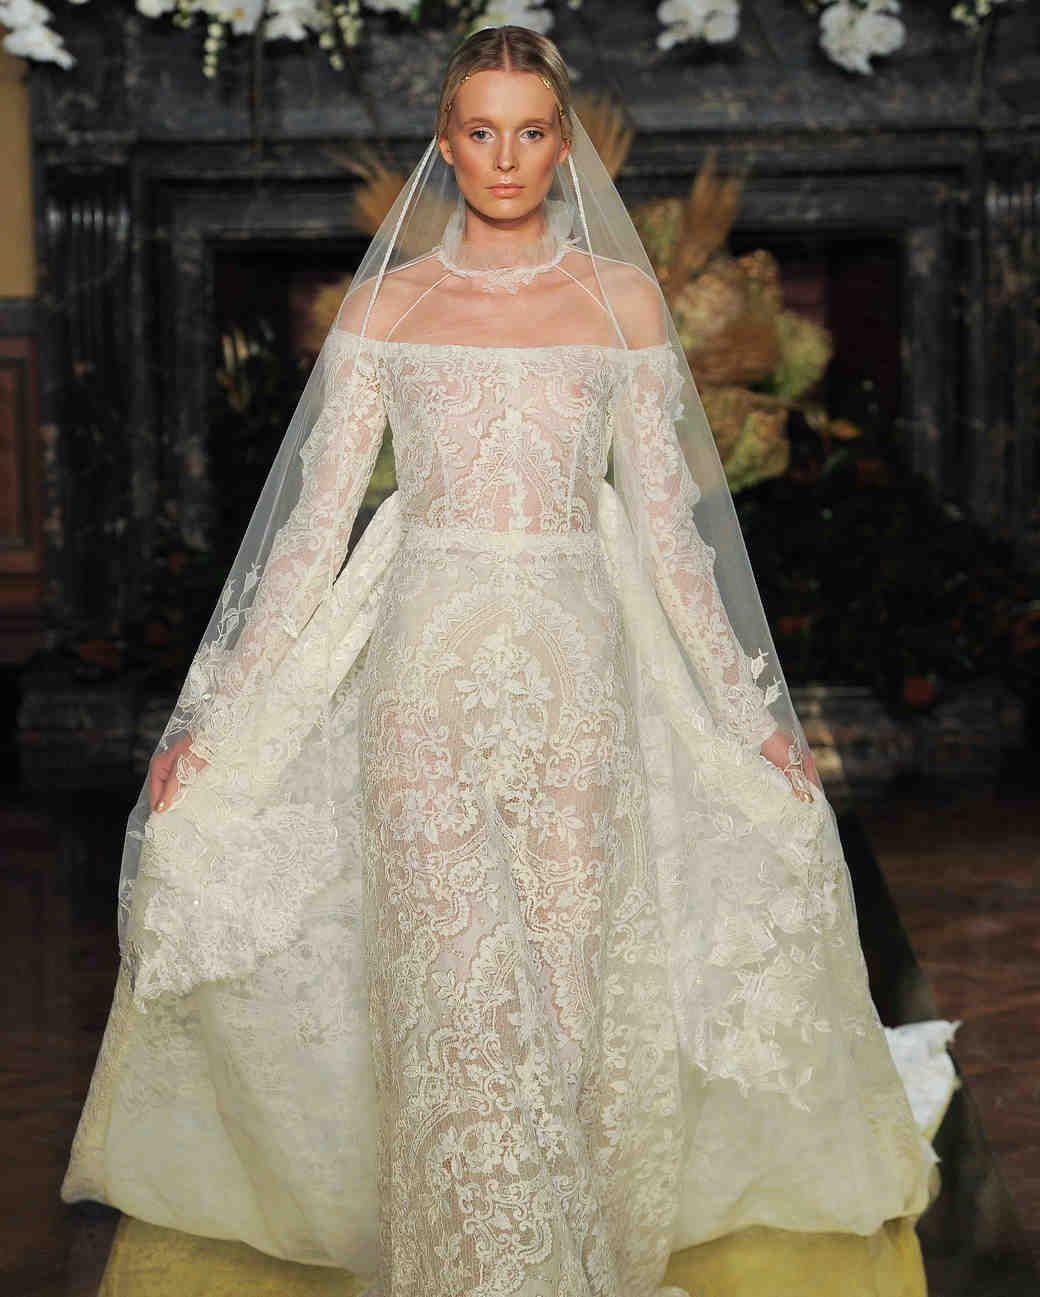 Yolancris fall wedding dress collection martha stewart